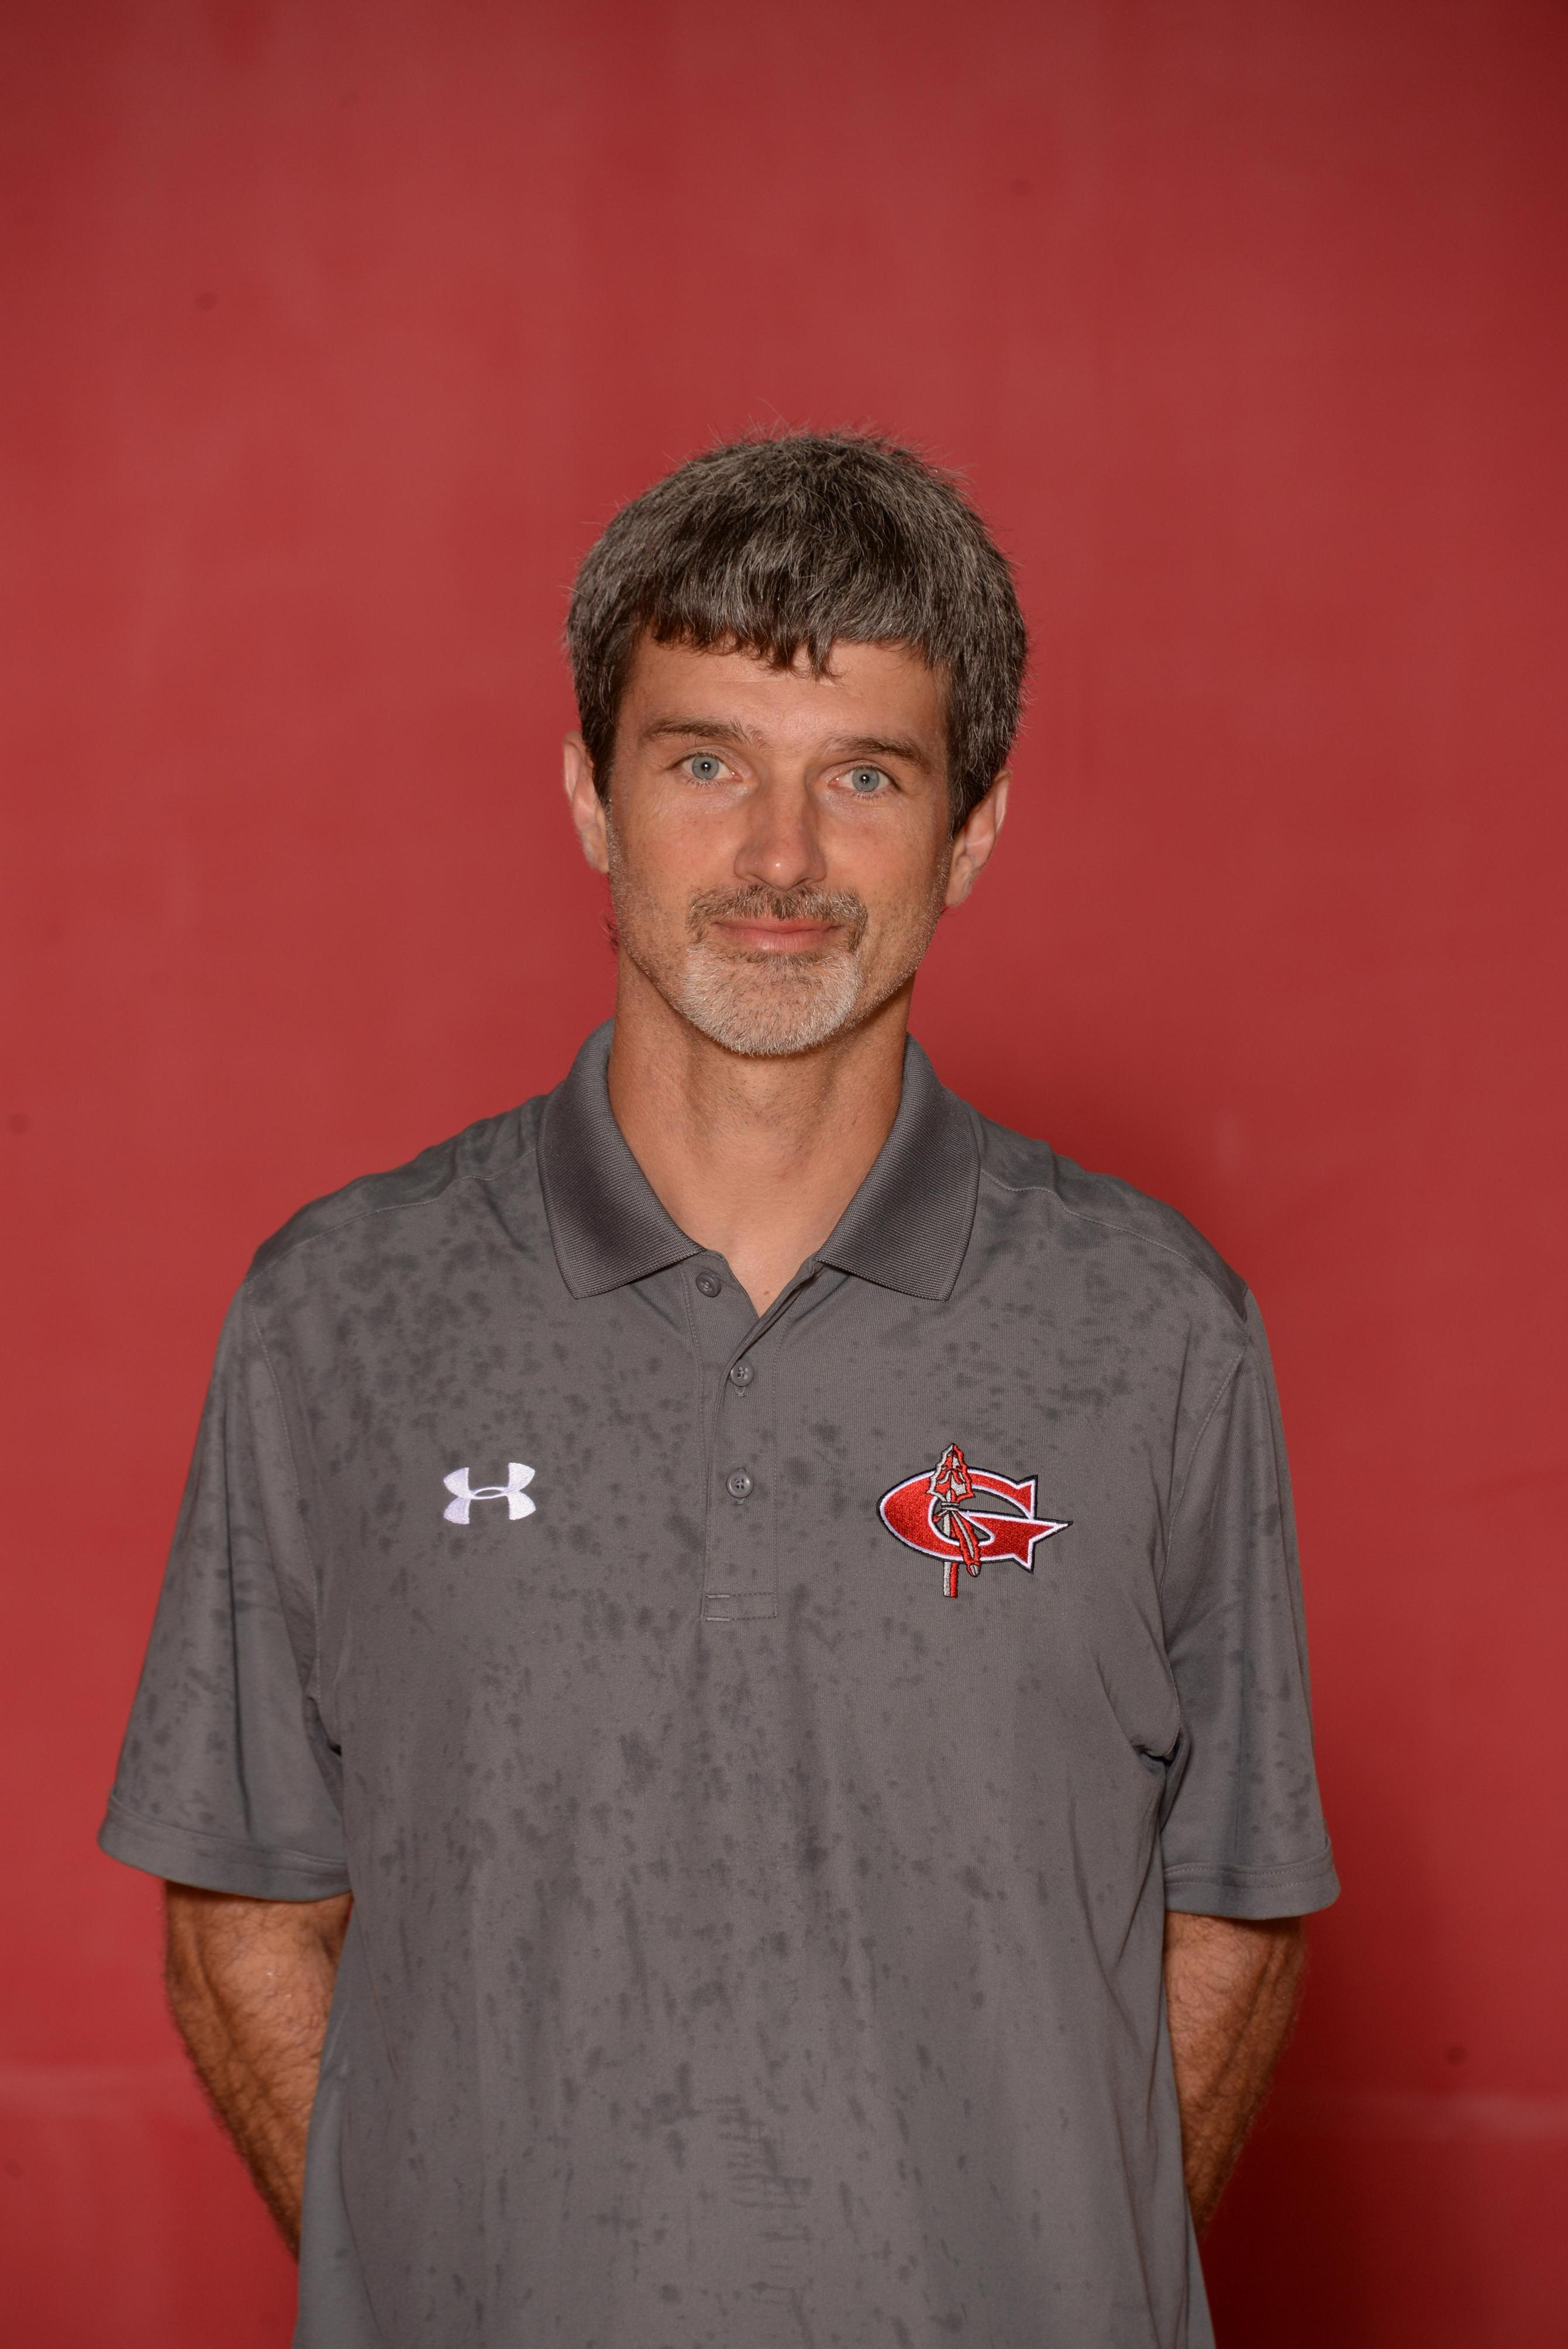 Head Coach Rocky Mason